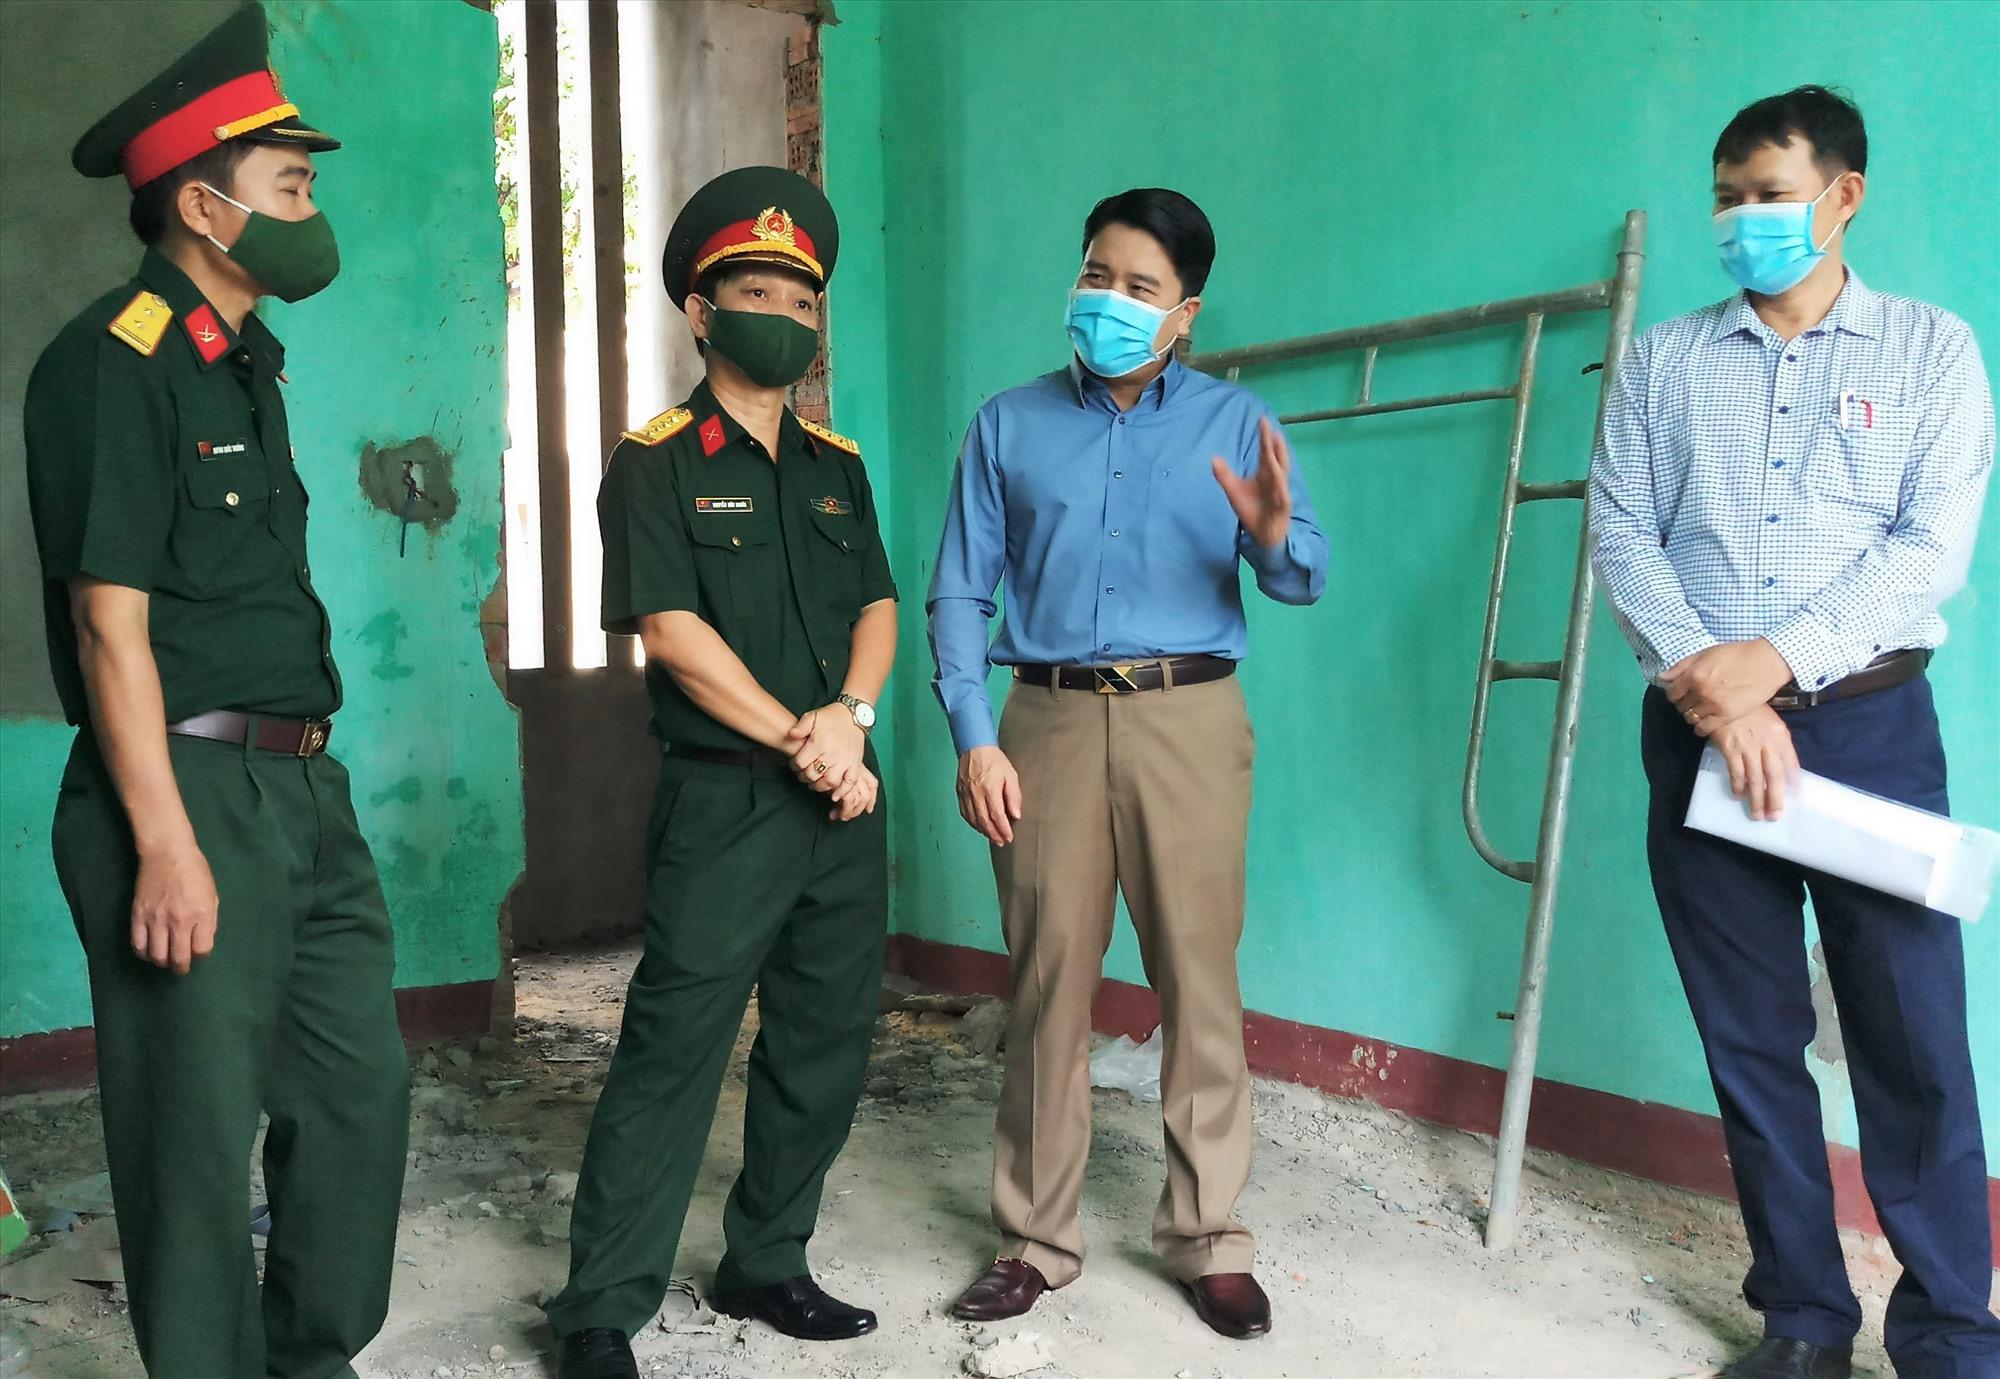 Phó Chủ tịch UBND tỉnh Trần Văn Tân kiểm tra tại các khu cách ly tập trung của tỉnh. Ảnh: ALĂNG NGƯỚC